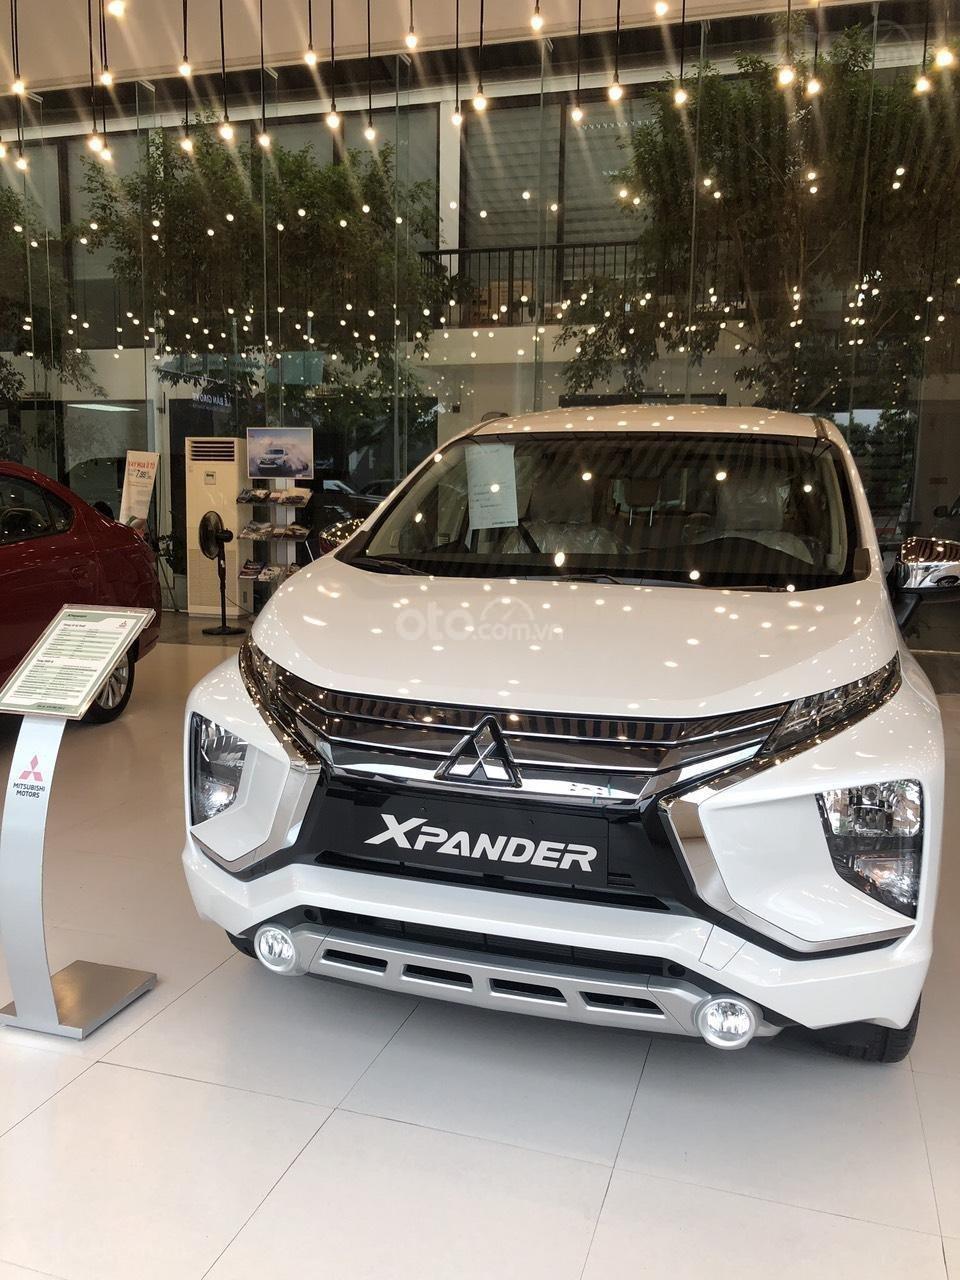 Bán Xpander số sàn năm 2019, màu trắng tại Nghệ An-Hà Tĩnh, trả góp 80%, 0963.773.462, giá 550tr (7)